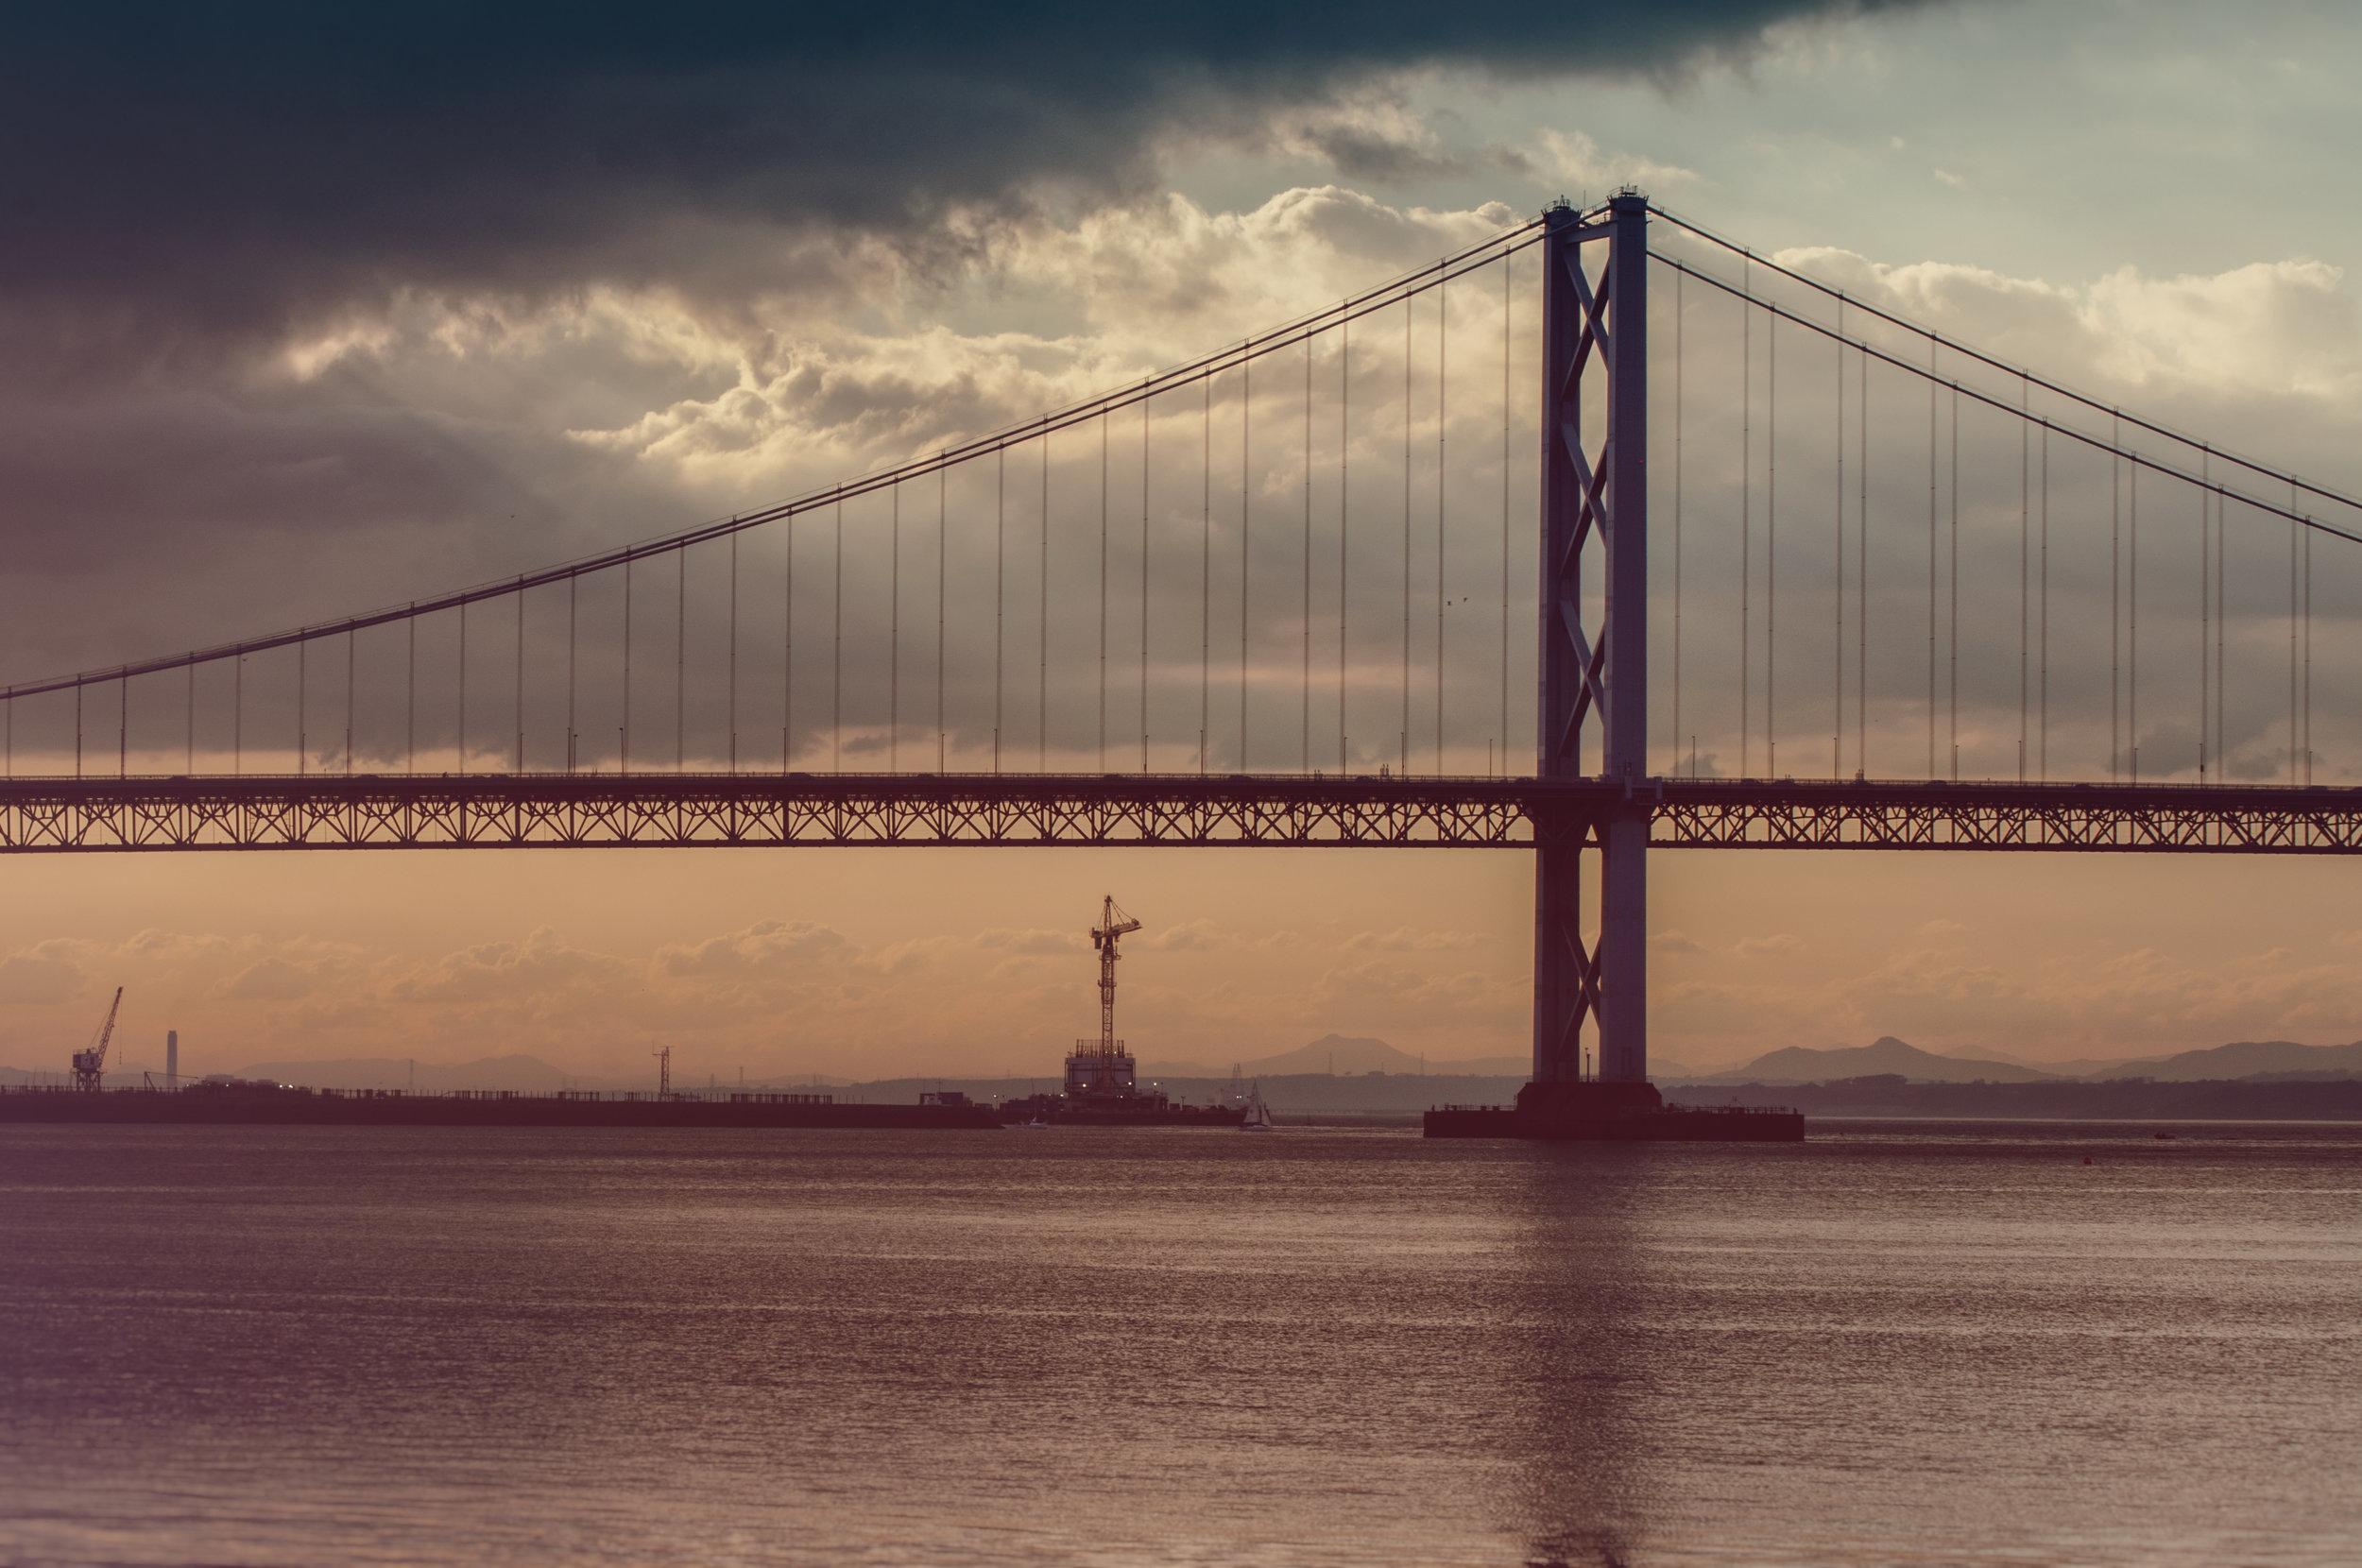 Queensferry Bridge - 2014 - DSC_1375-Edit.jpg